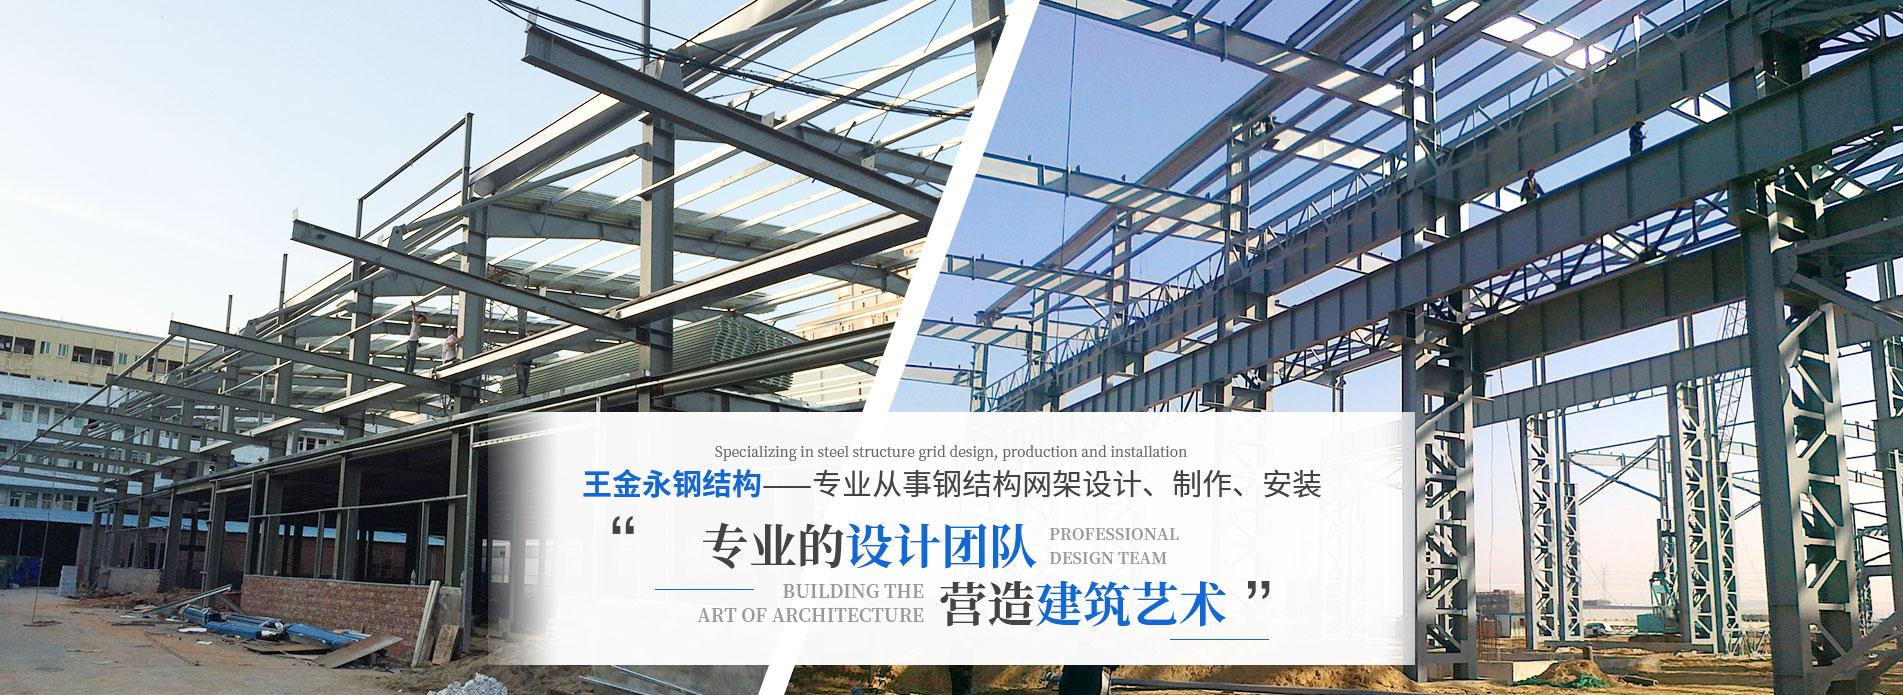 钢结构厂房雨棚楼梯设计加工